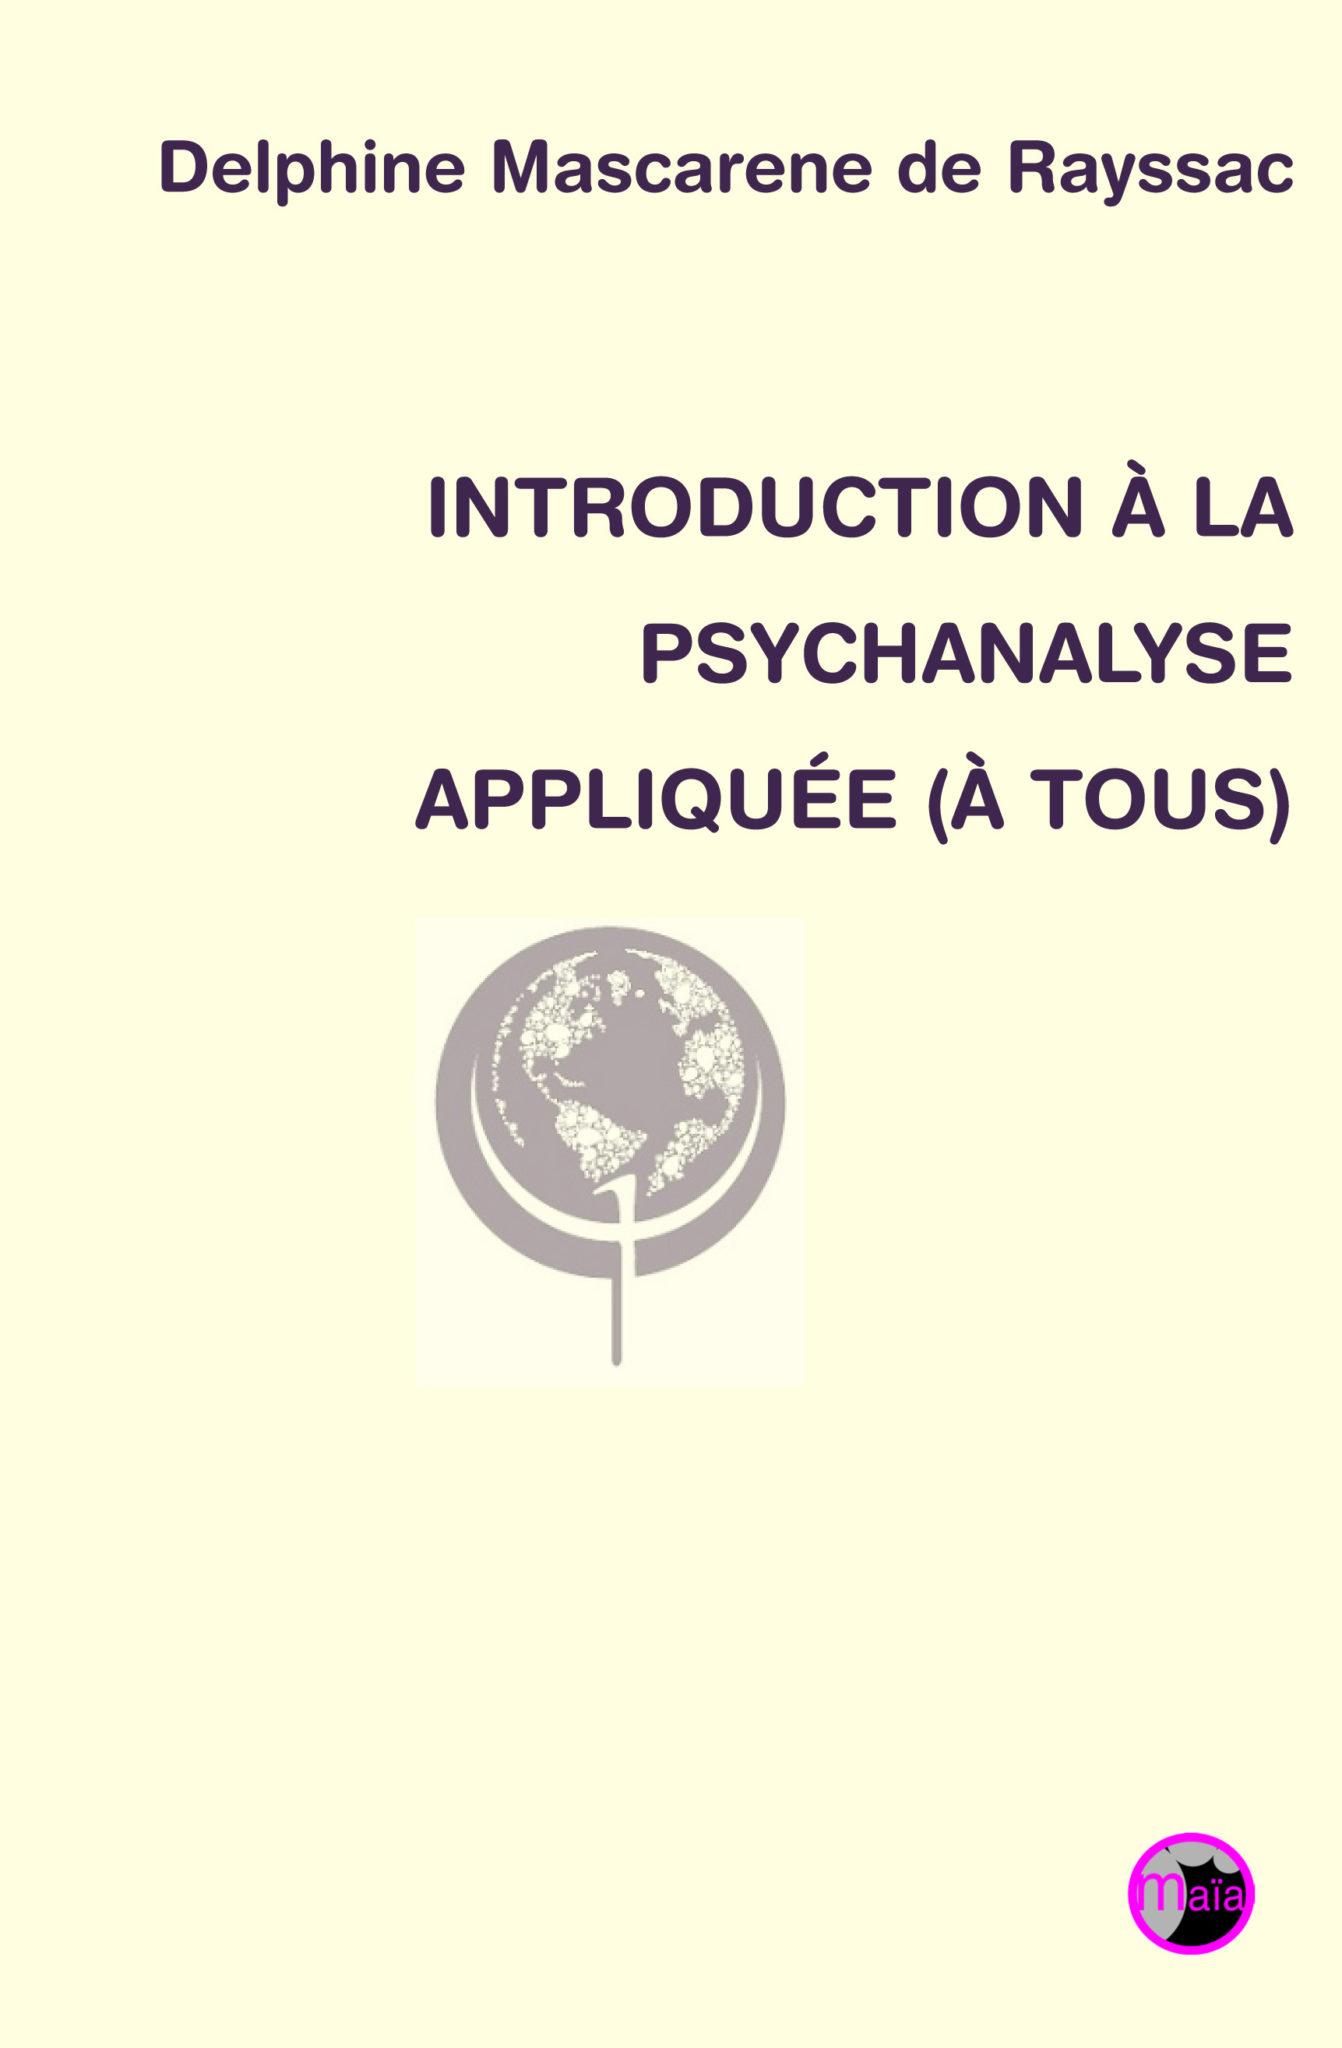 Introduction à la psychanalyse appliquée (à tous)